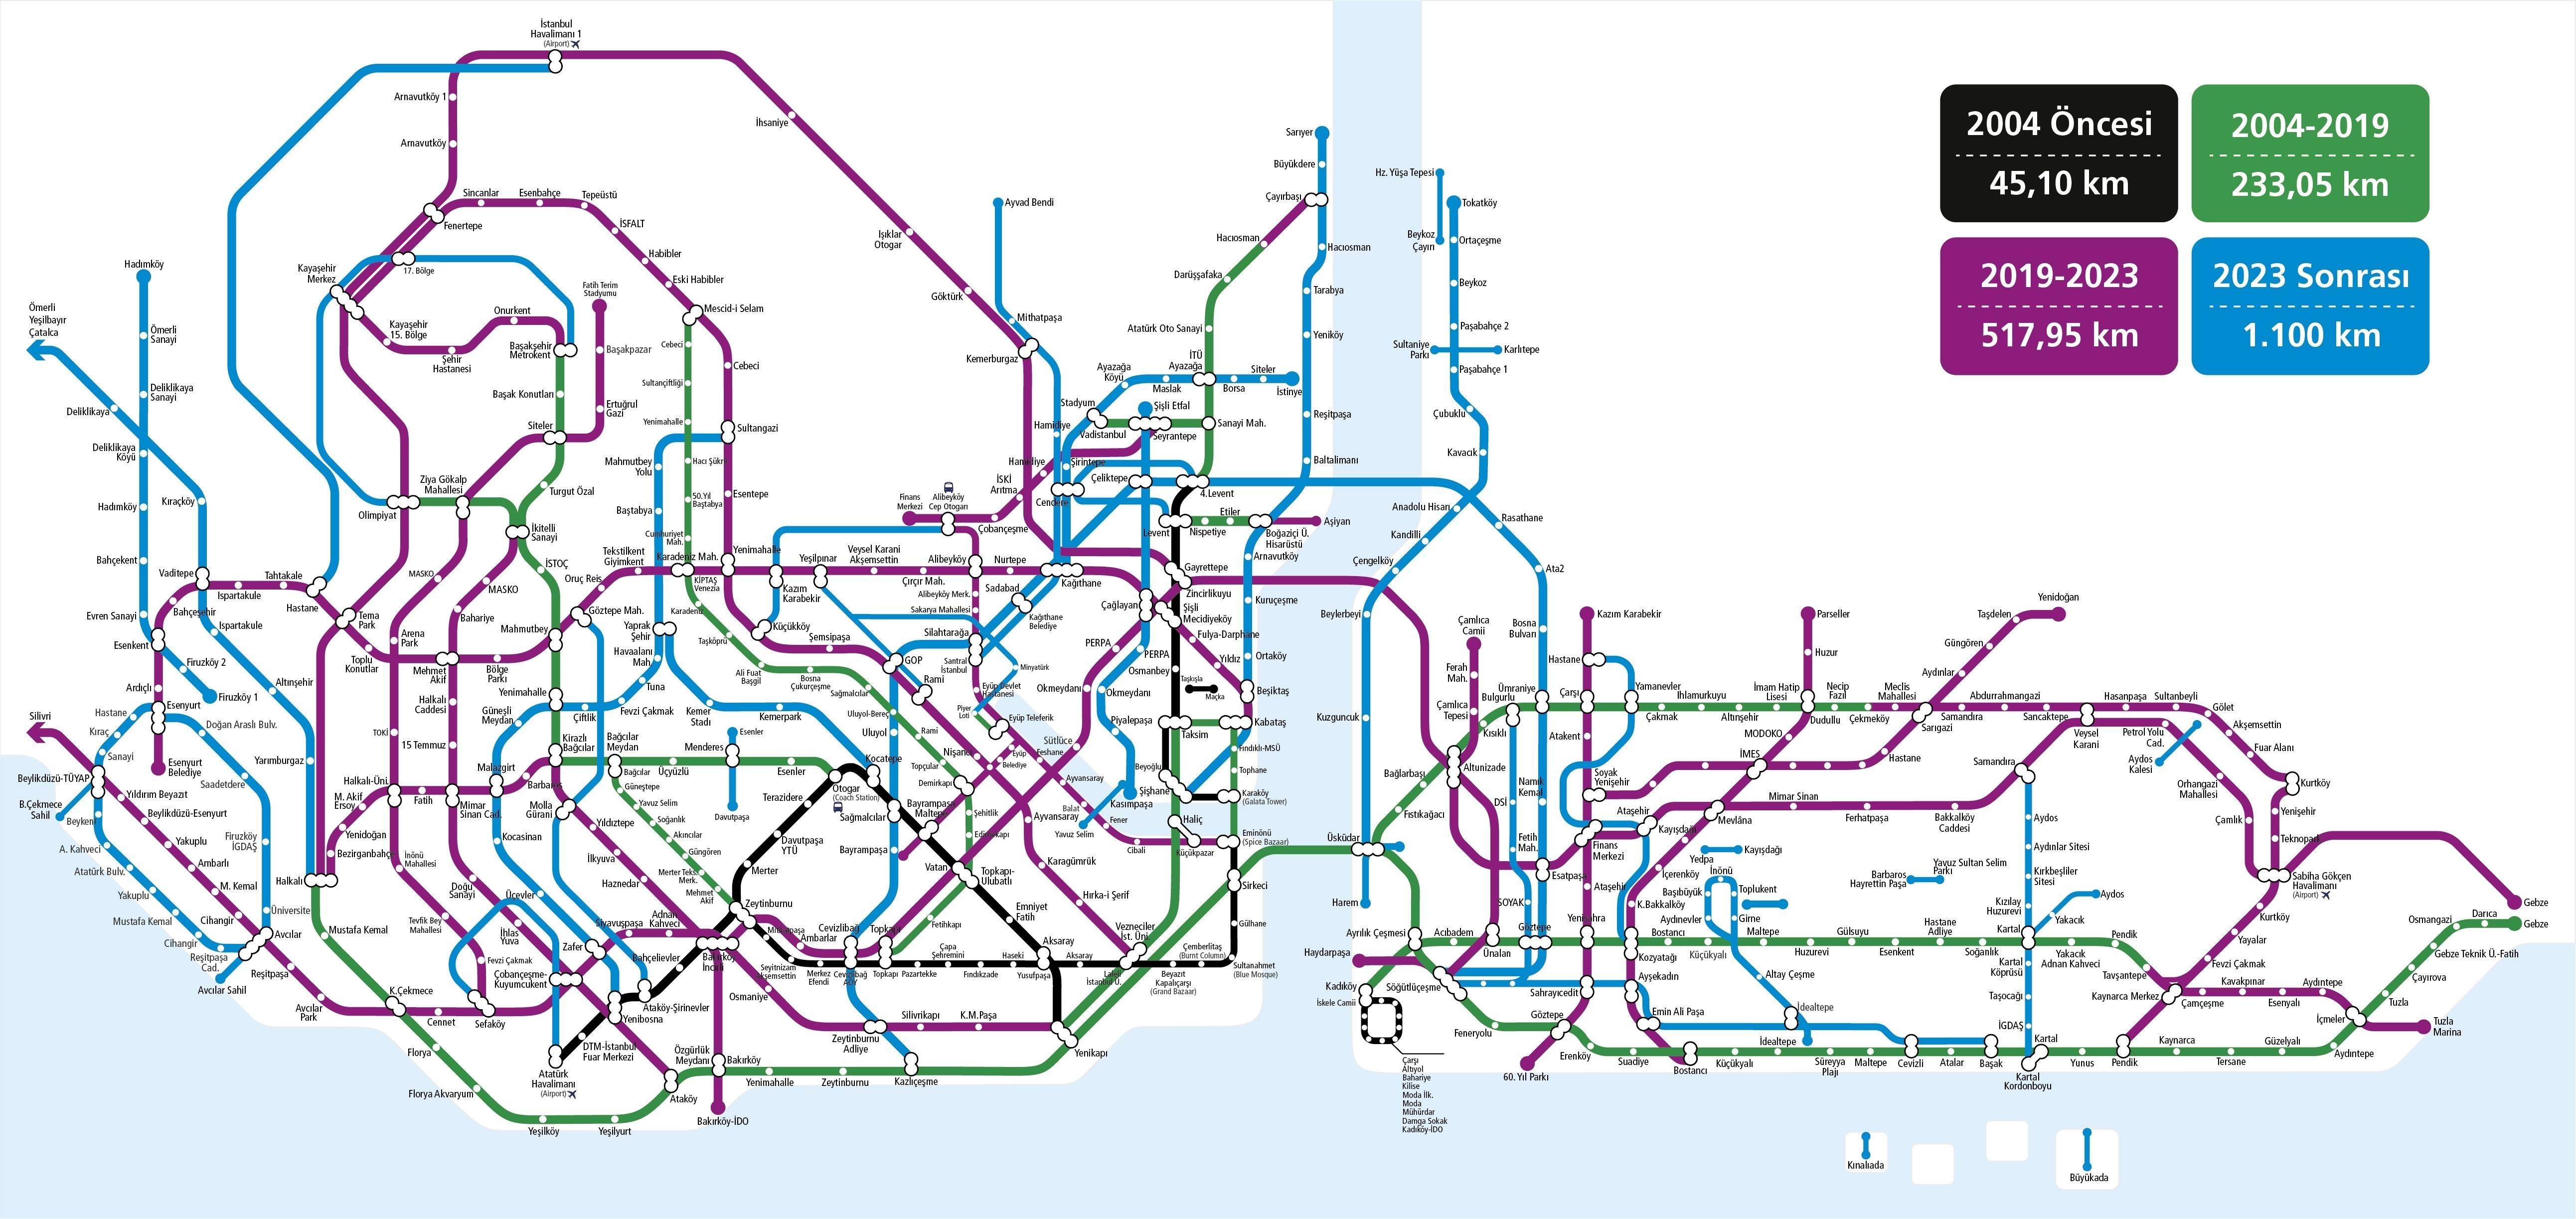 Все, что туристу нужно знать о метро стамбула: схема, расписание, стоимость проезда